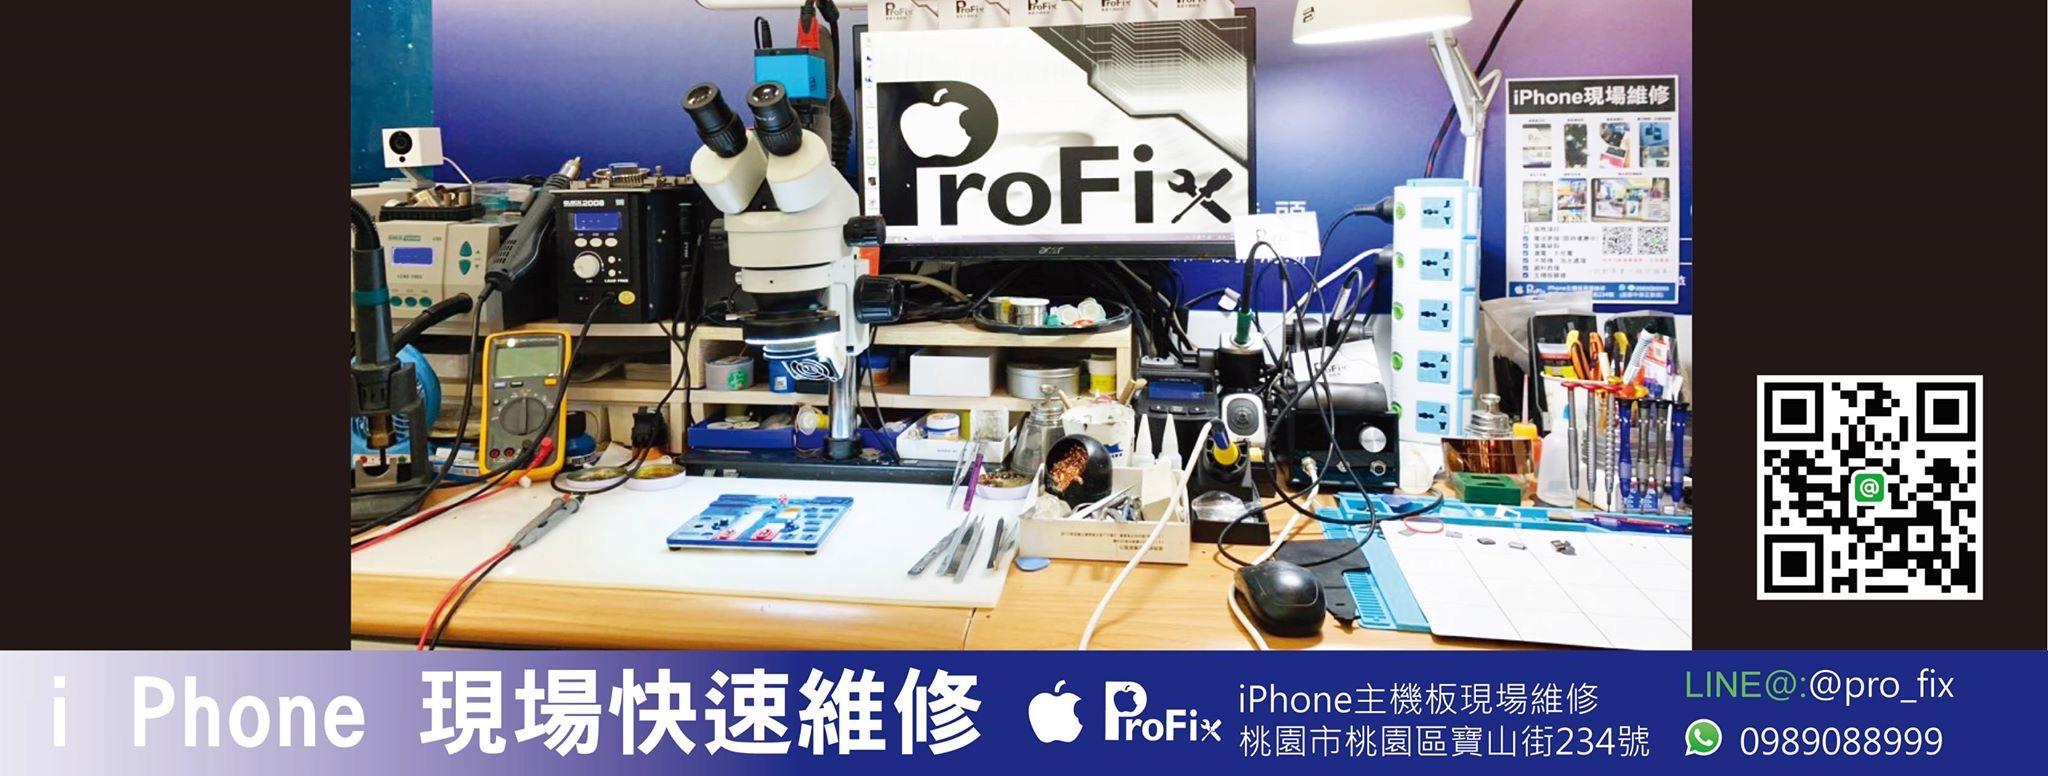 iphone維修ProFix 首圖